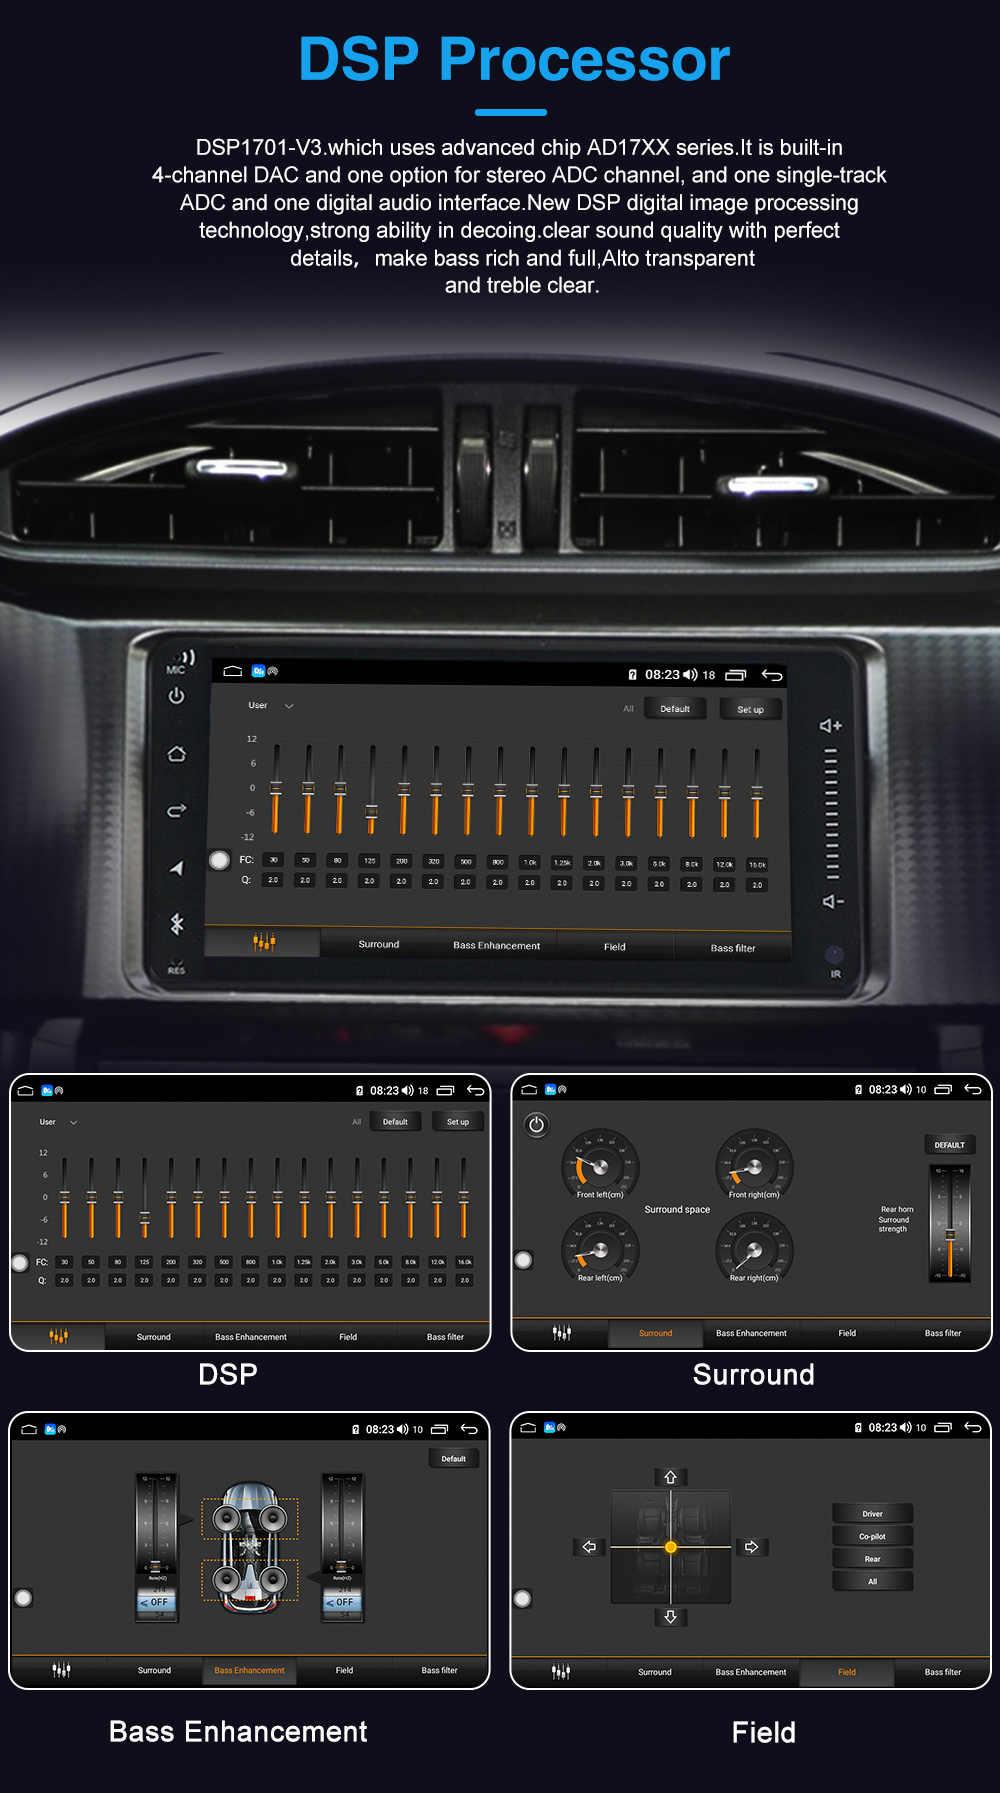 Ses kontrolü Android 10 7 inç 2Din evrensel araba radyo GPS multimedya ünitesi oynatıcı VW Nissan Kia wifi ile 4G lte BT